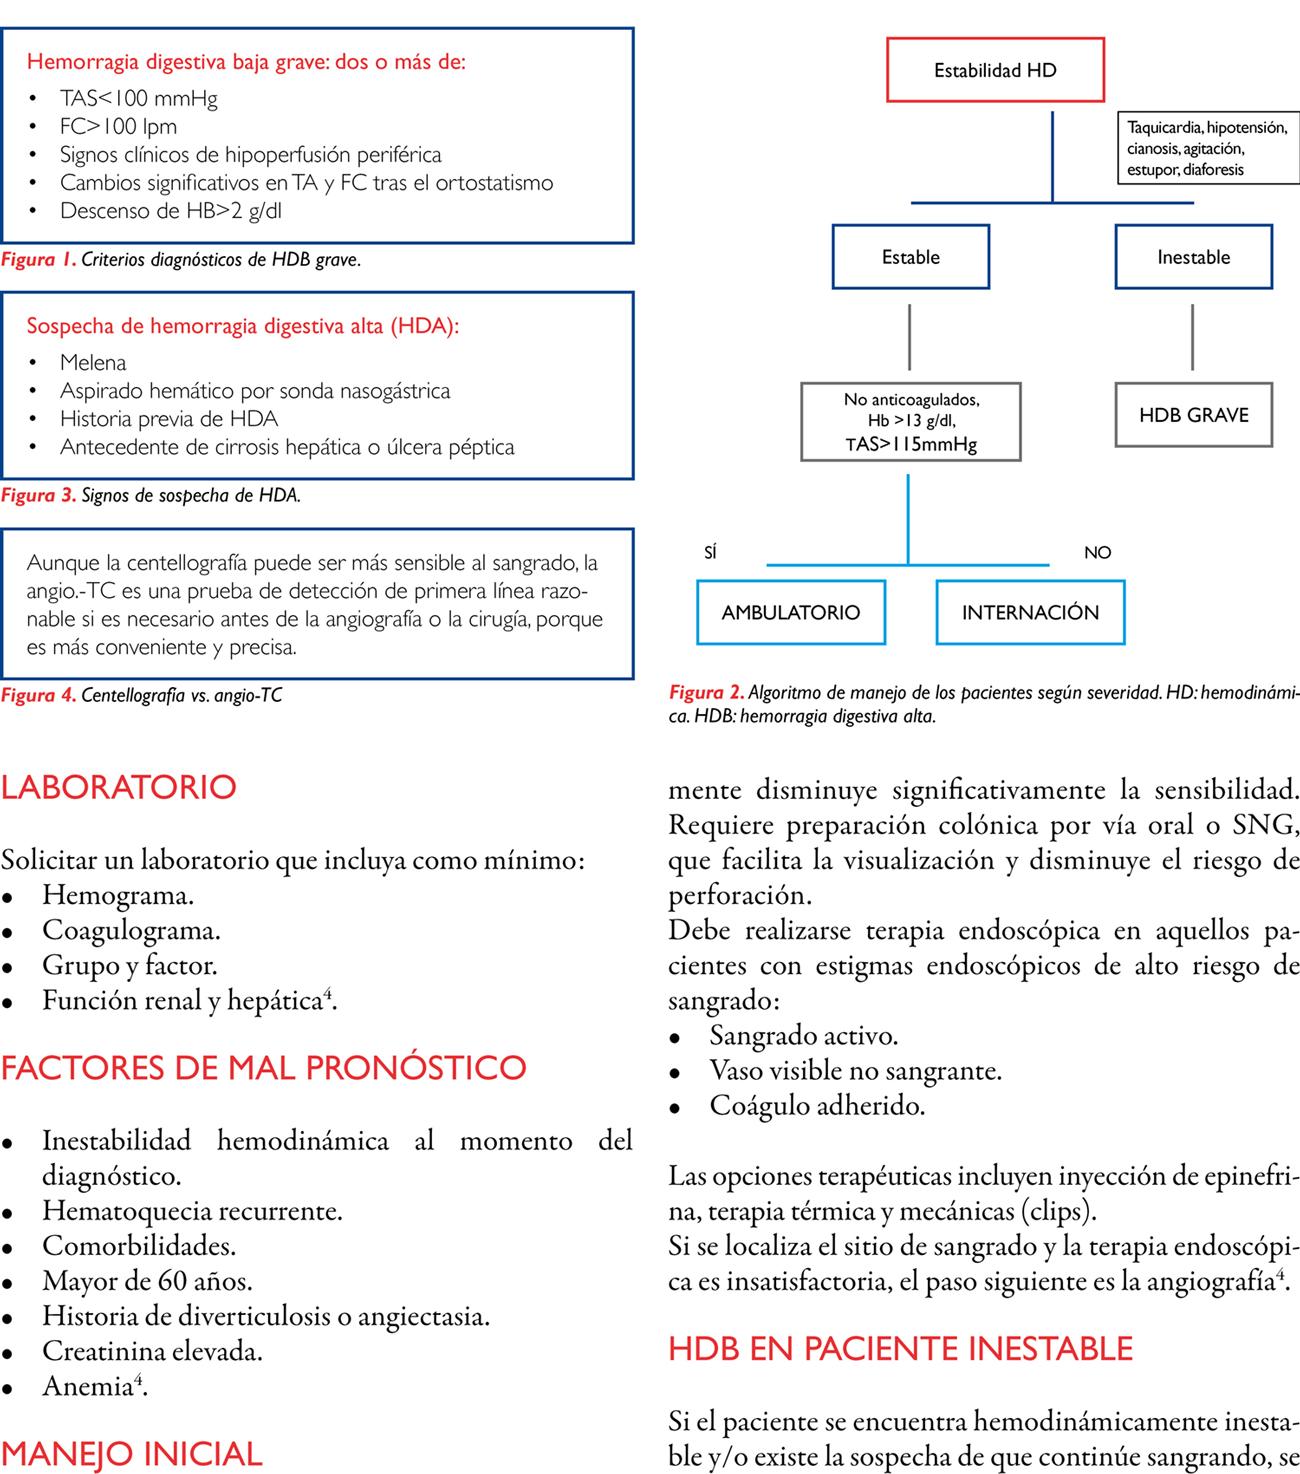 Guía de práctica clínico-quirúrgica para hemorragia digestiva baja